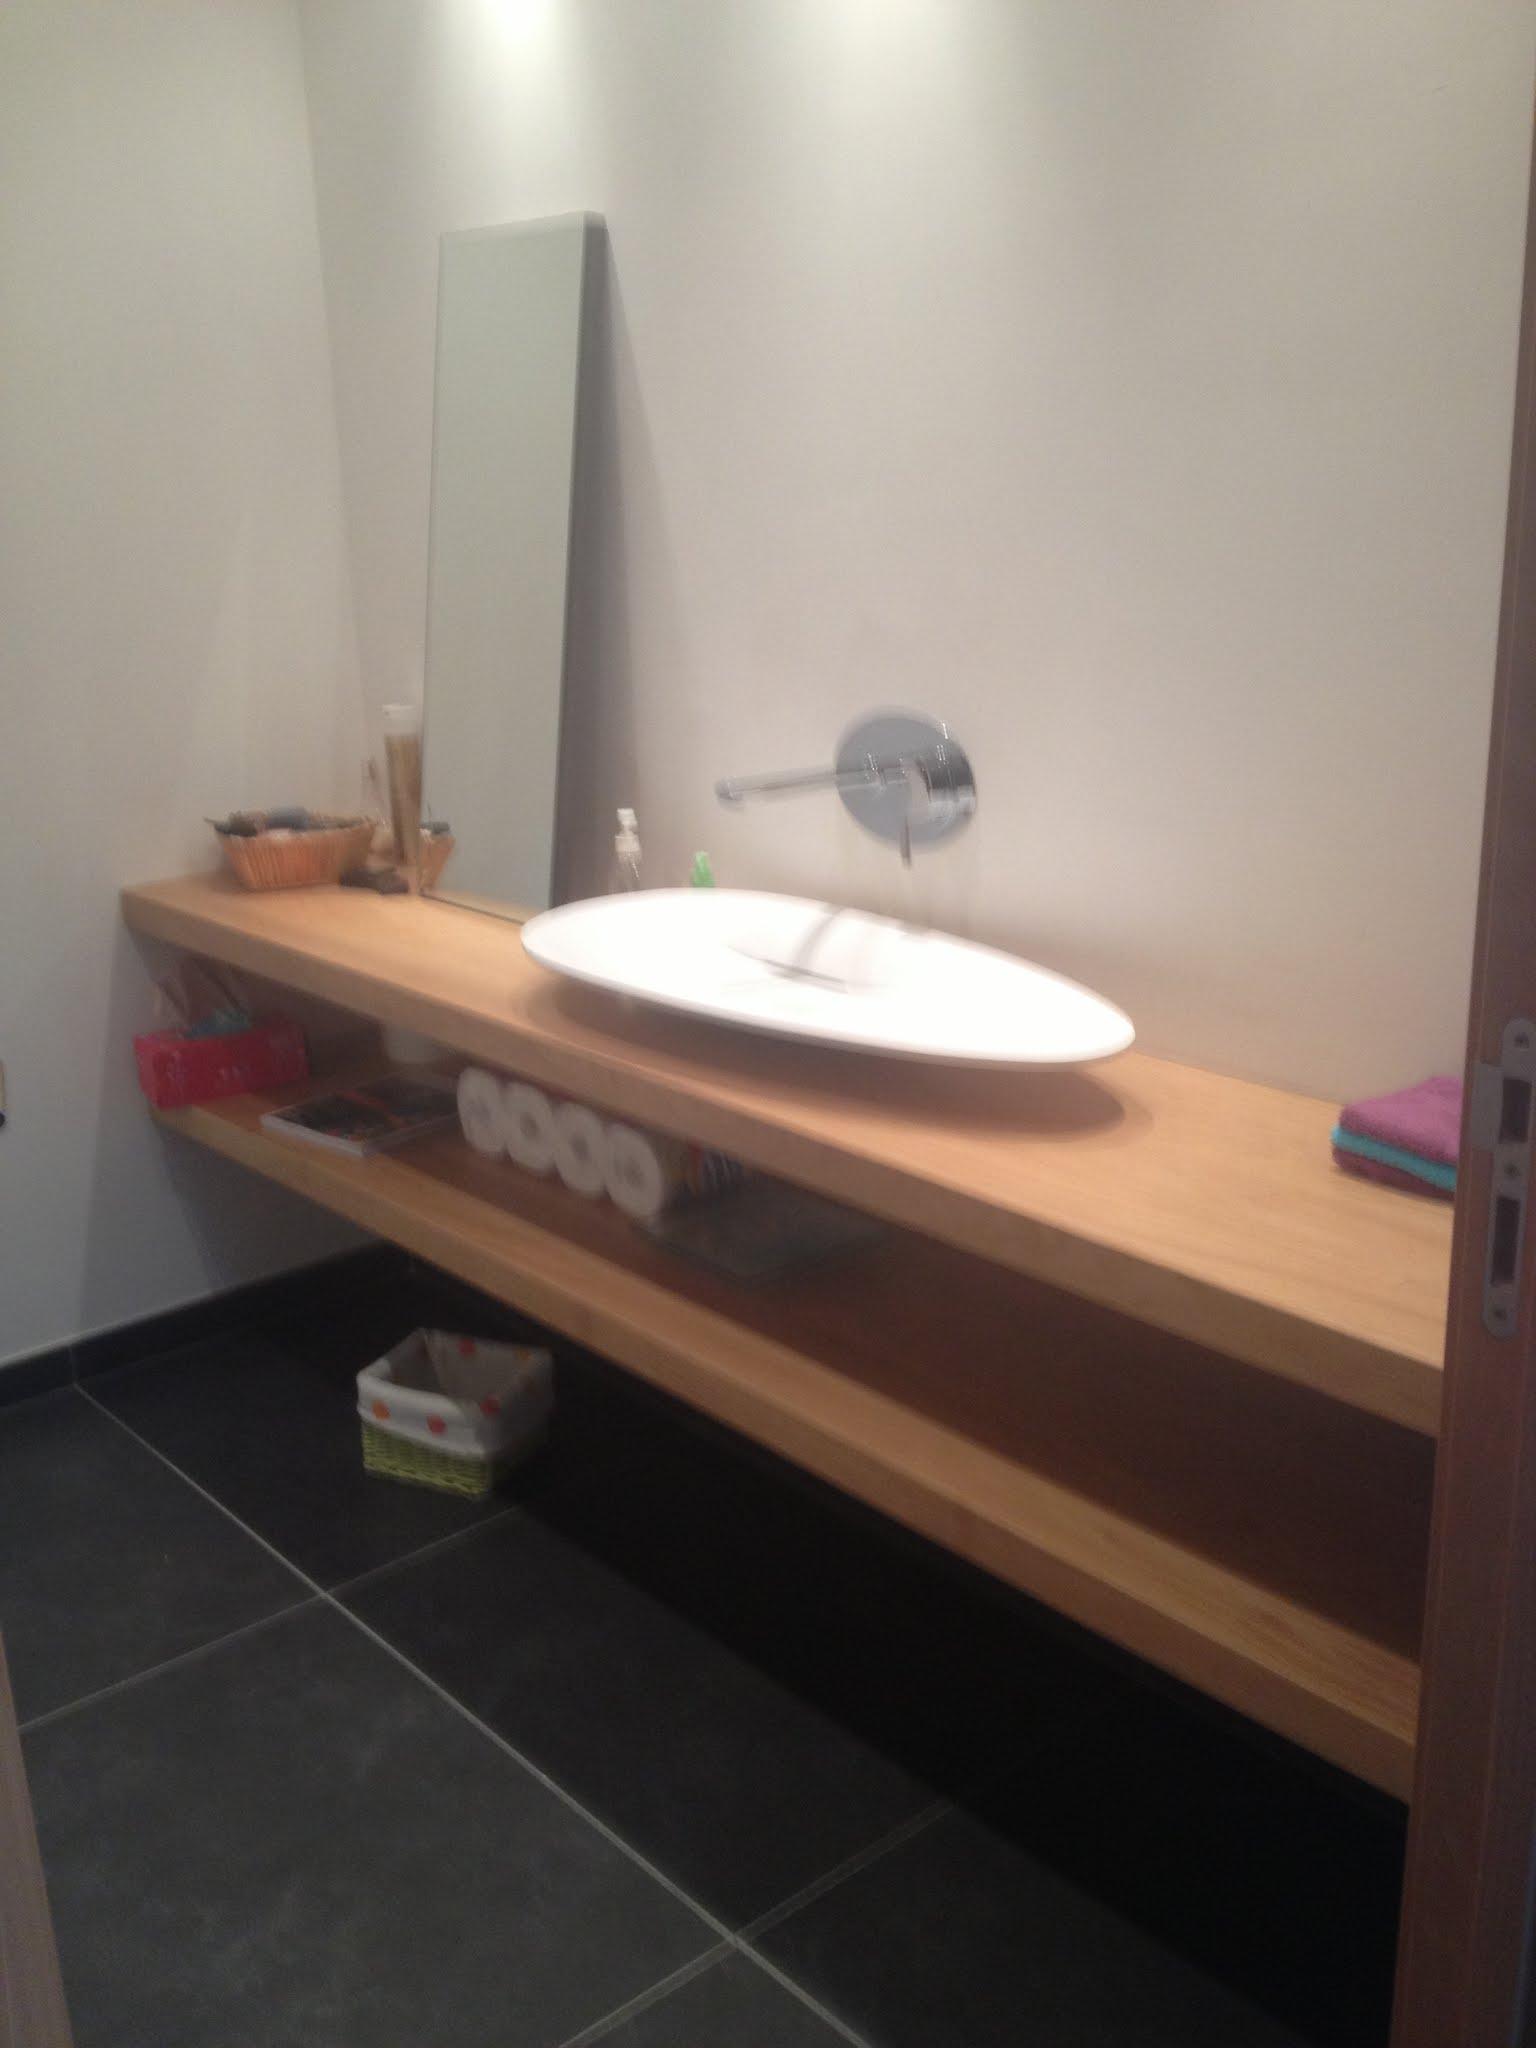 R alisation d 39 une salle de bain carrelage aspect pierre - Poser carrelage salle de bain ...